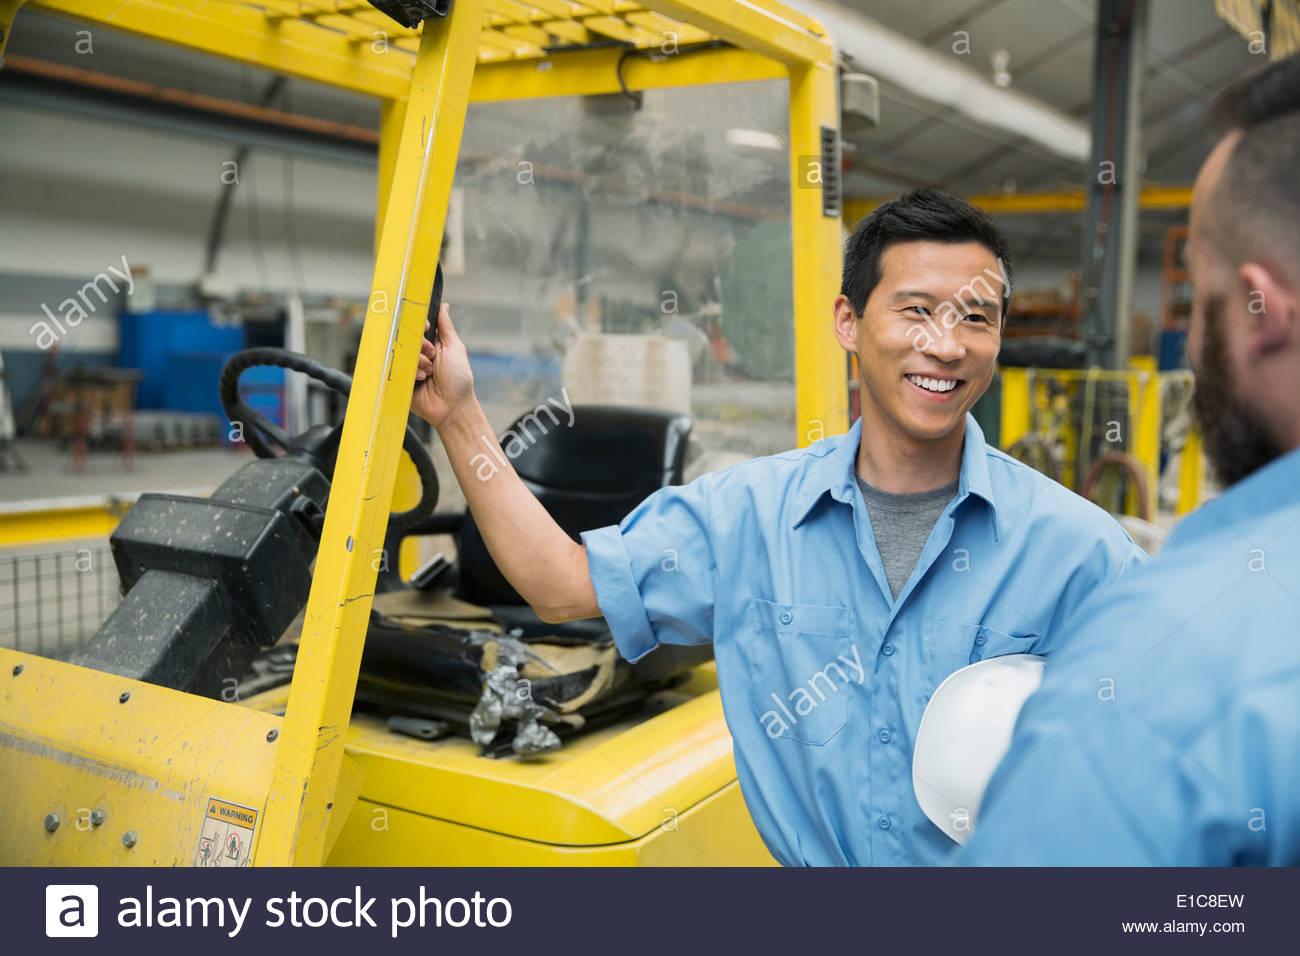 Los trabajadores hablando a la carretilla elevadora en la fábrica. Imagen De Stock